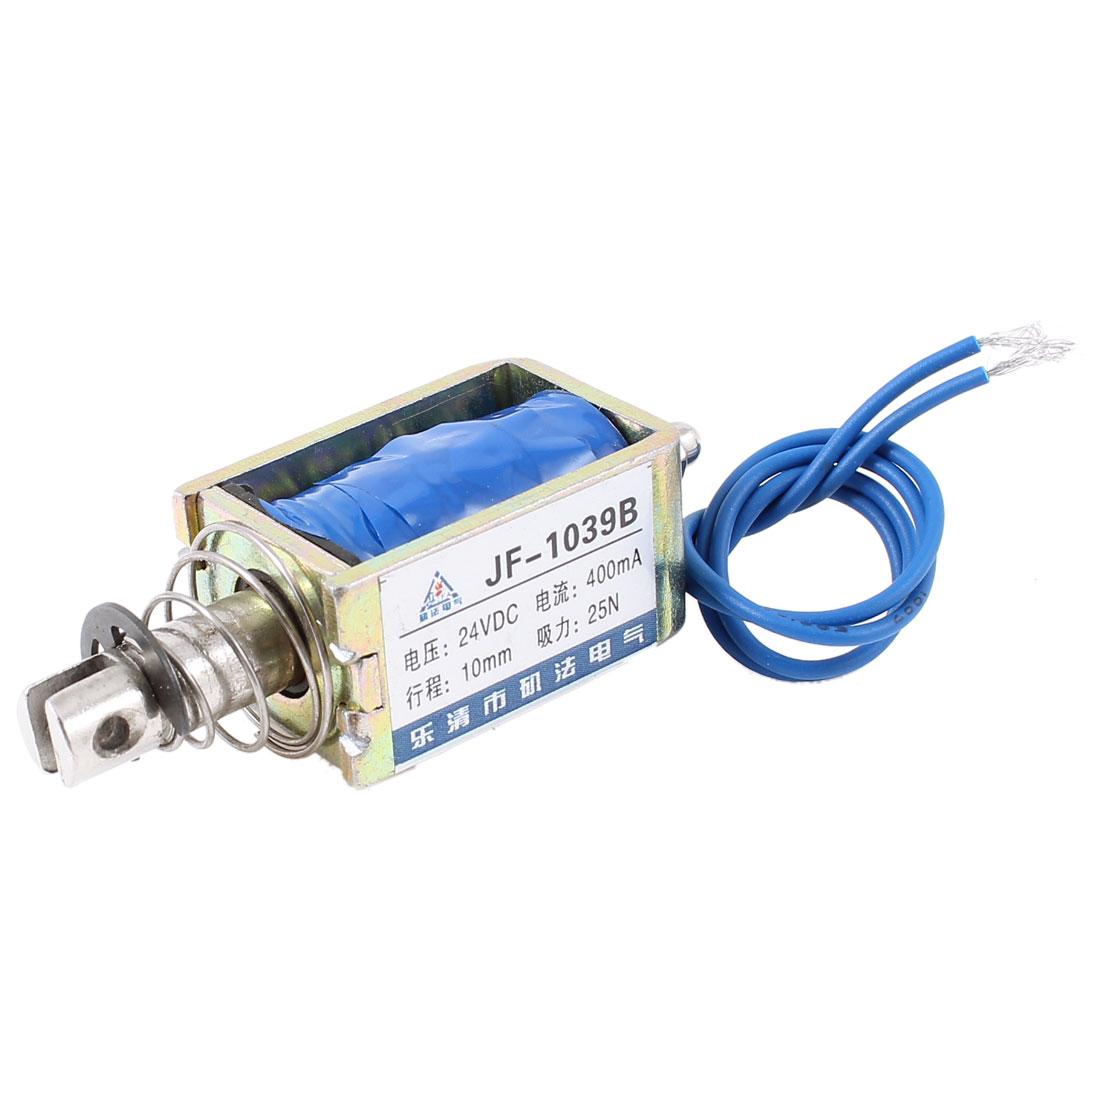 10mm Stroke 2.5Kg Force Push Pull Open Frame Solenoid Electromagnet DC 24V 0.4A